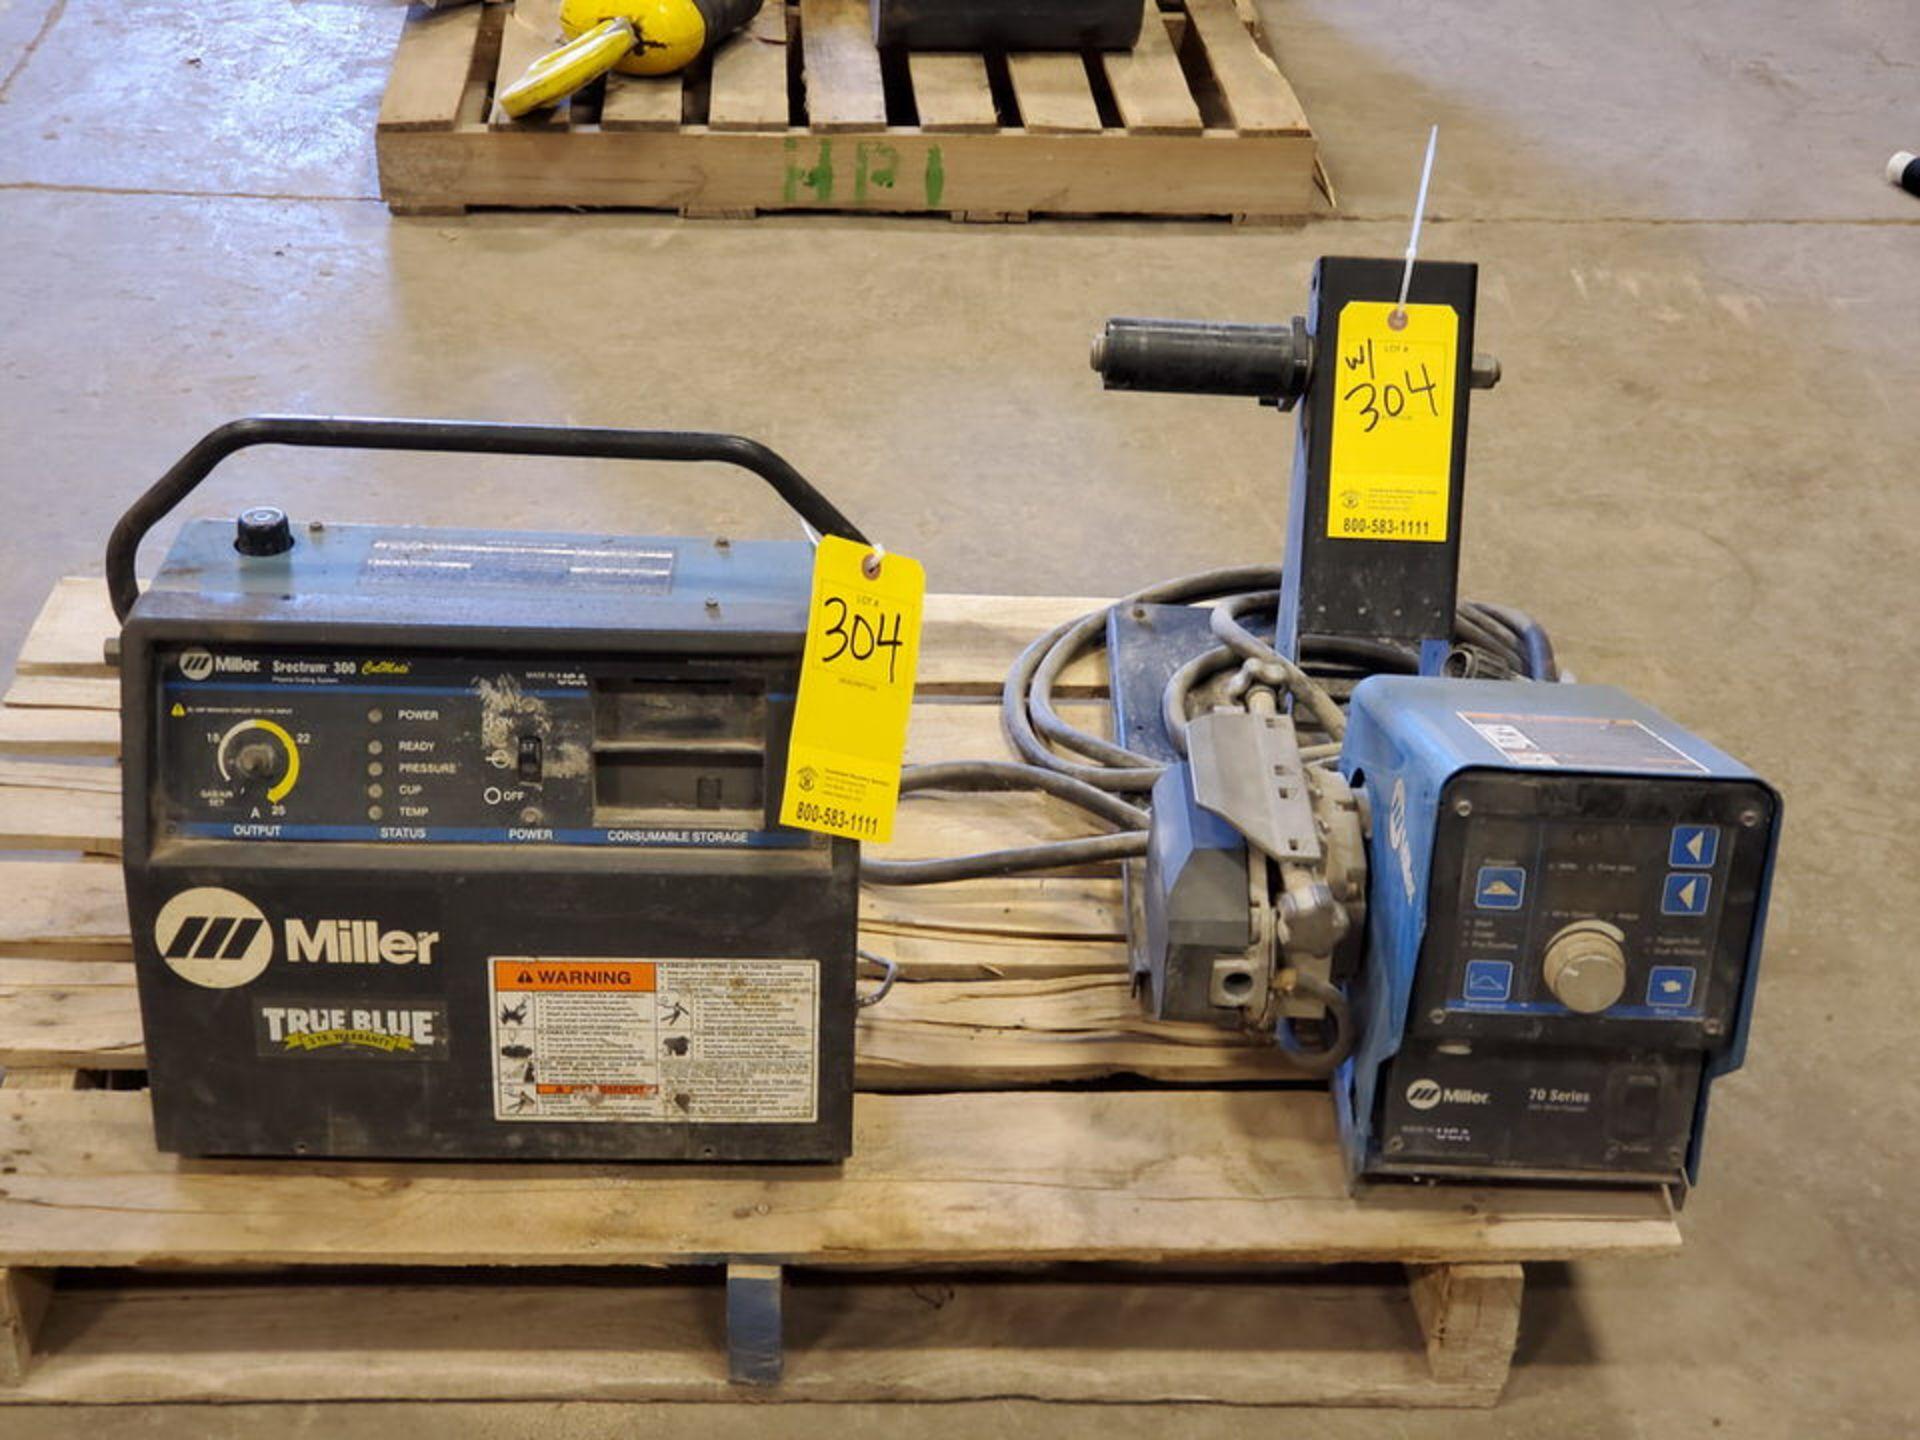 Miller Spectrum 300 Plasma Cutter 115/230V, 26/17A, 1PH, 60HZ; W/ 70 Series 24V Wire Feeder, 10A,